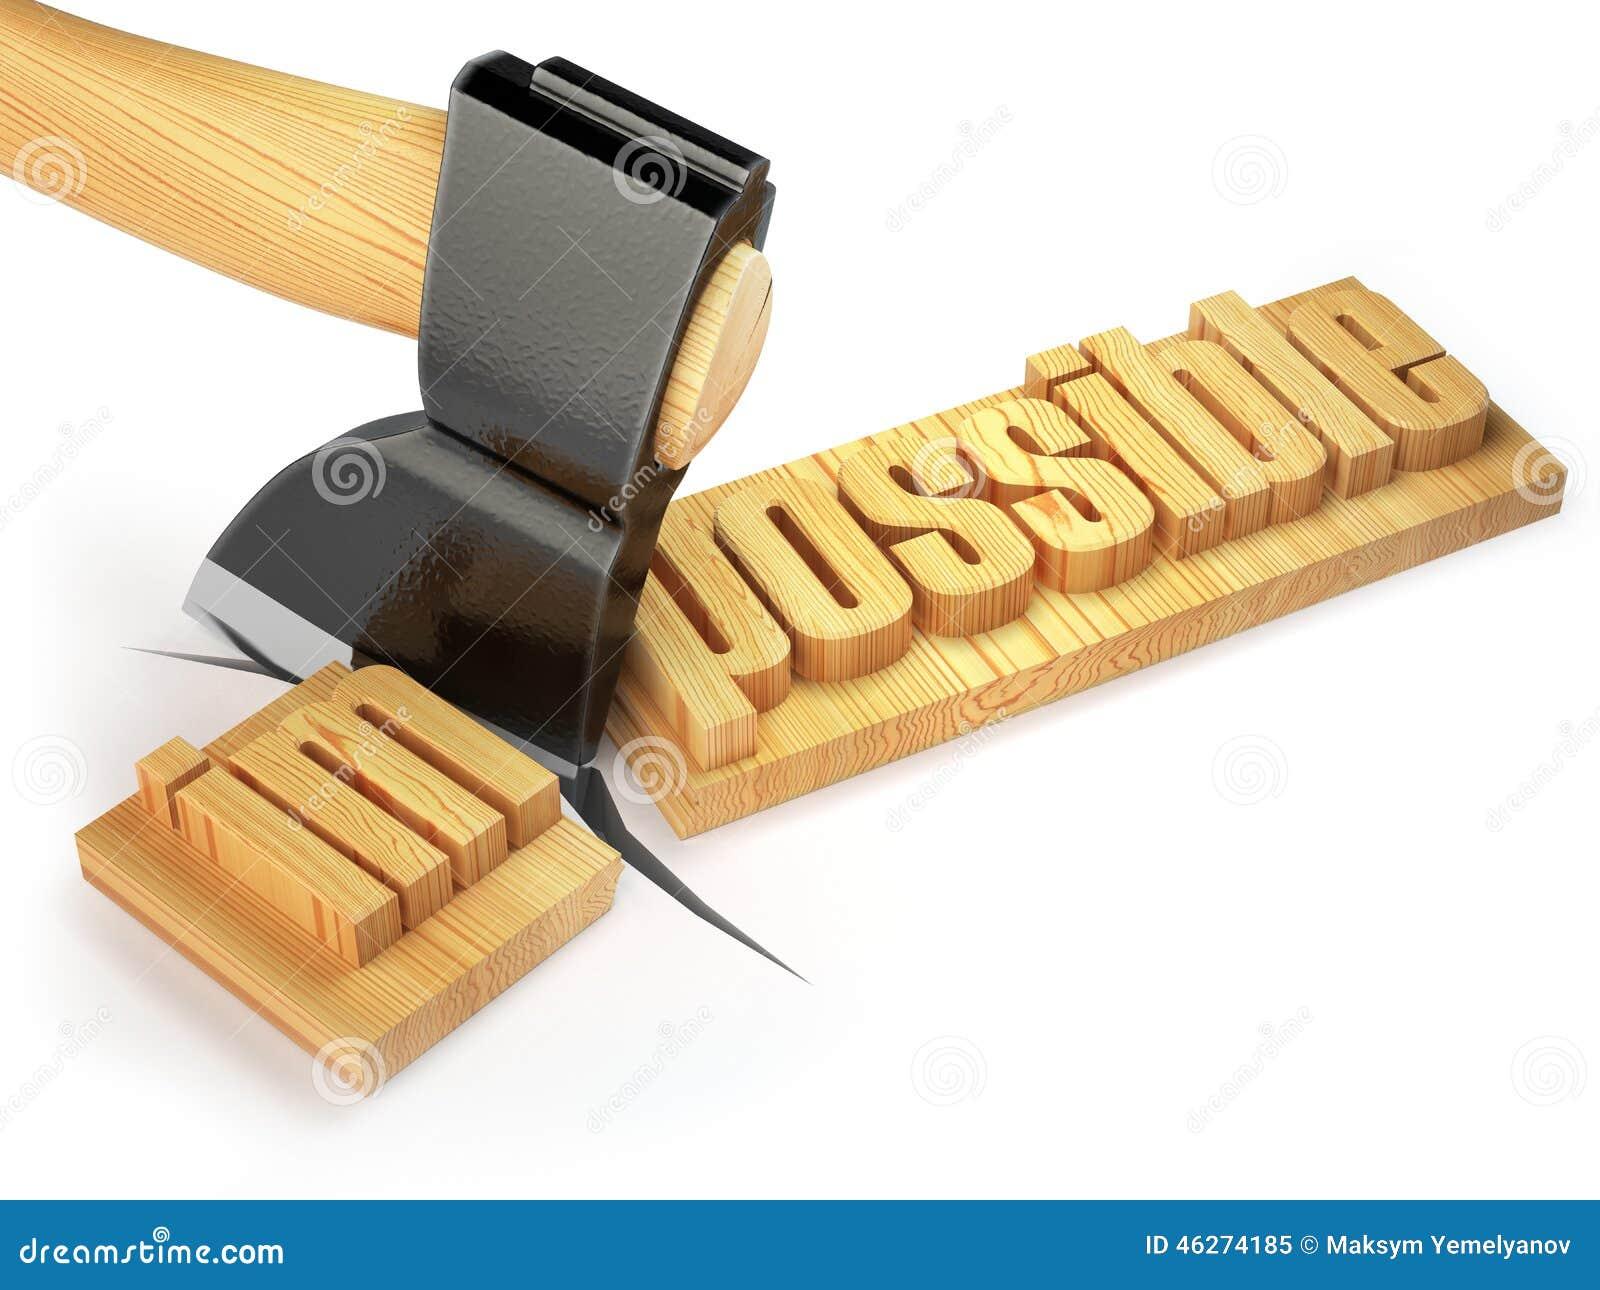 Ändern des Wortes unmöglich in mögliches auf hölzerner Planke mit a